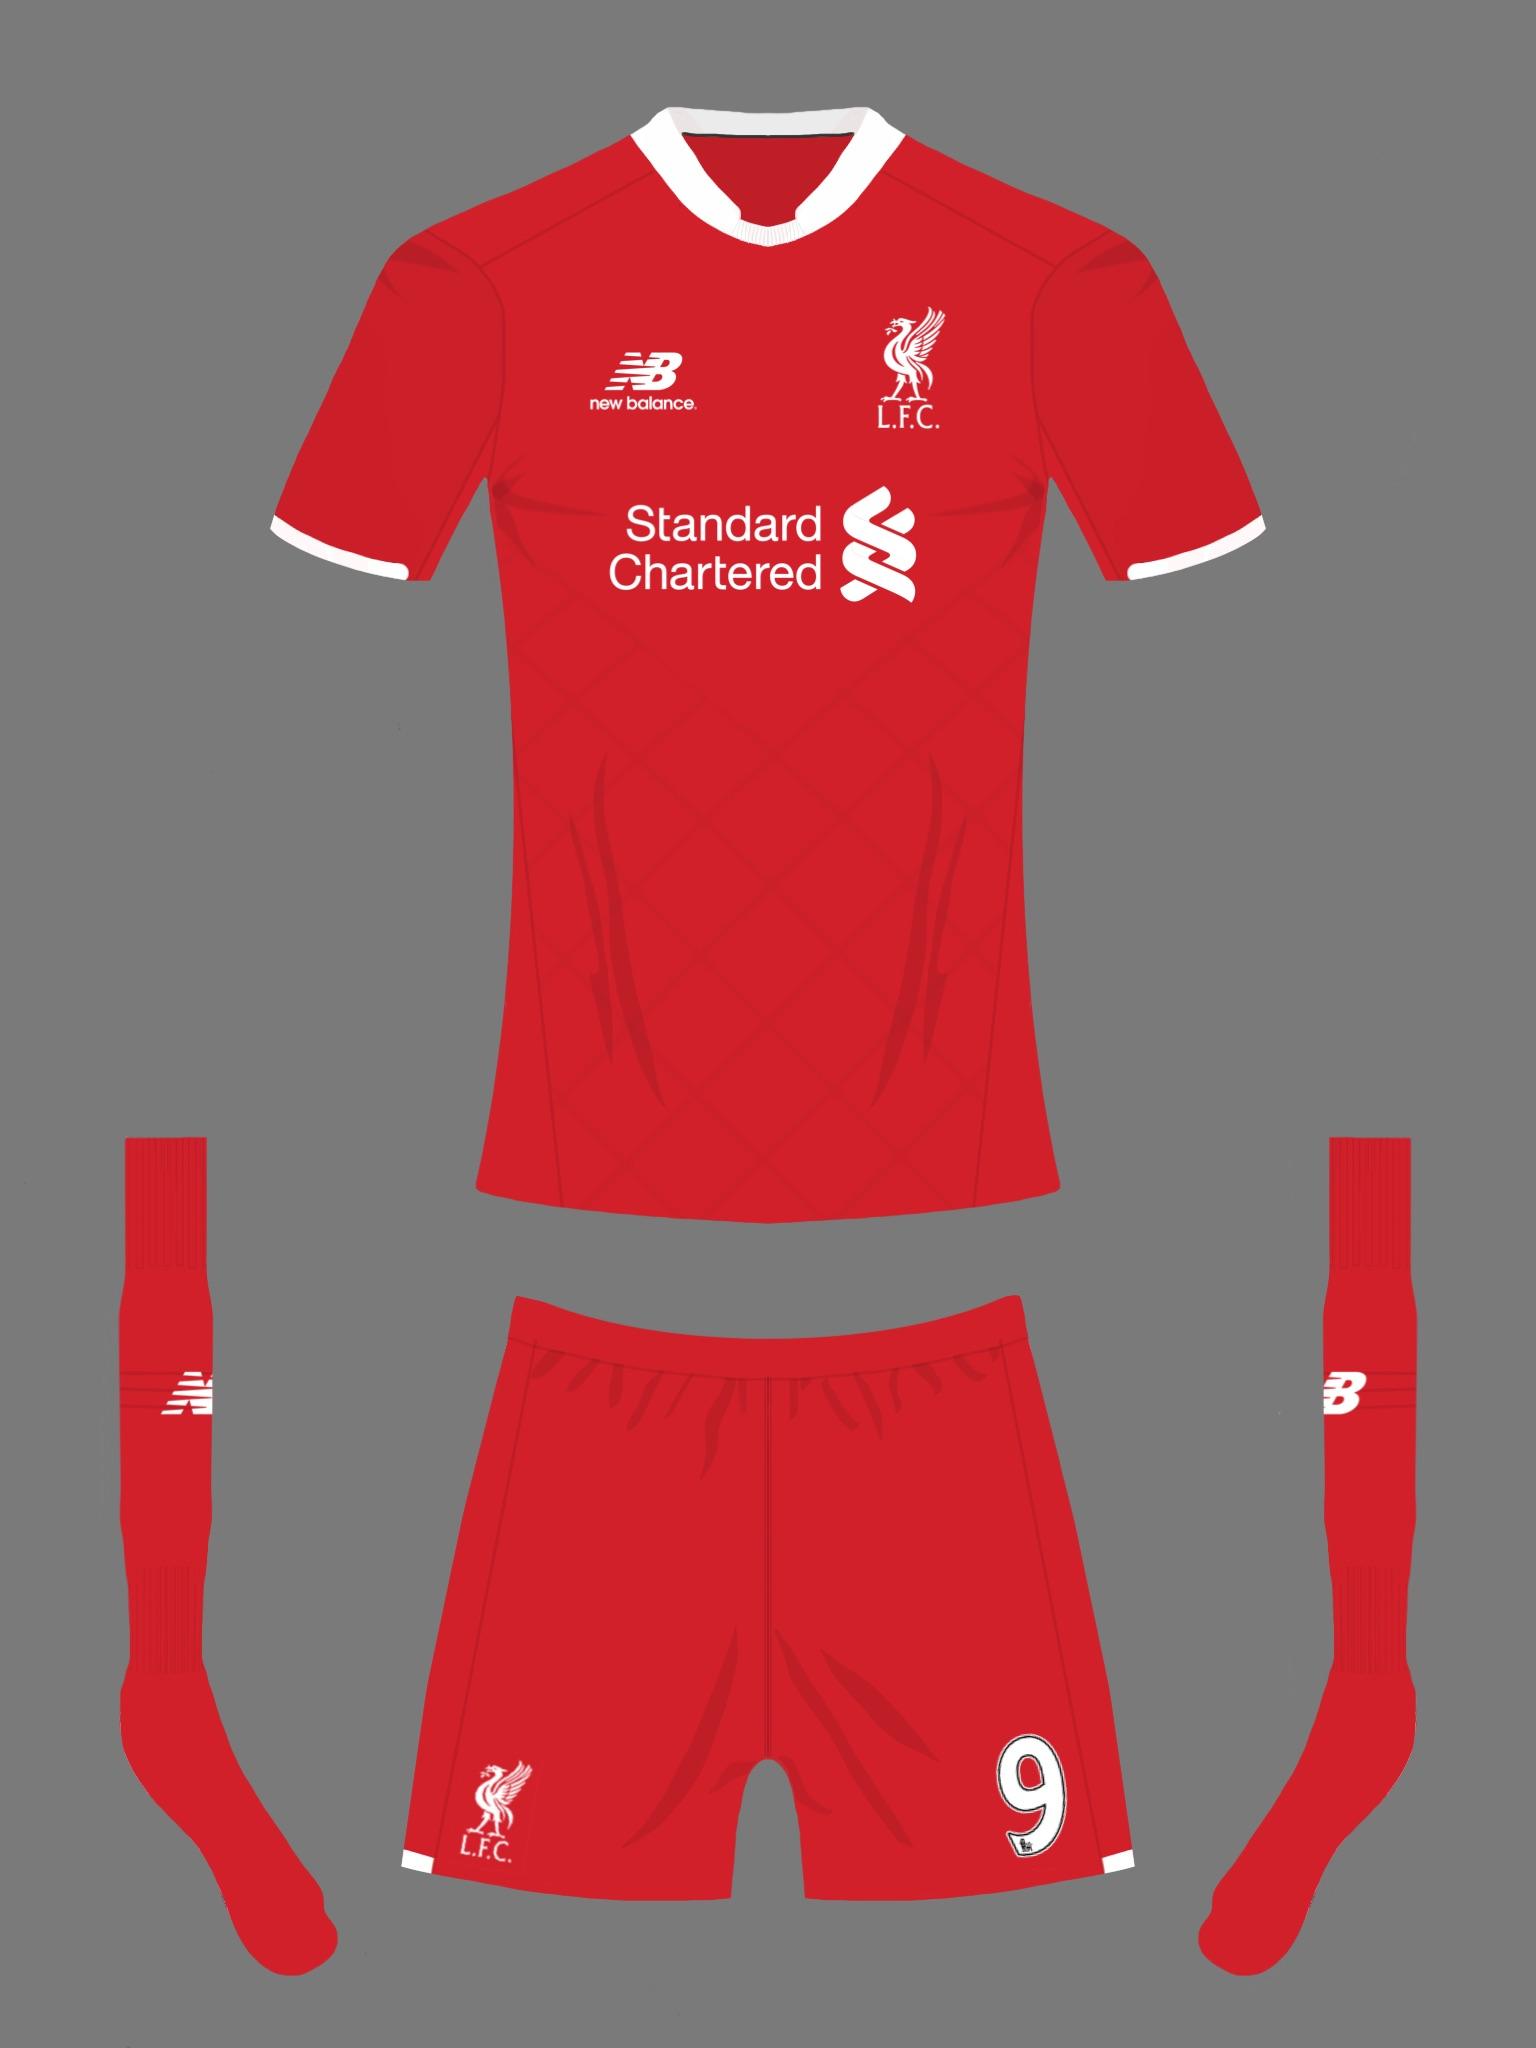 b6162f55c6f Liverpool FC new balance home kit